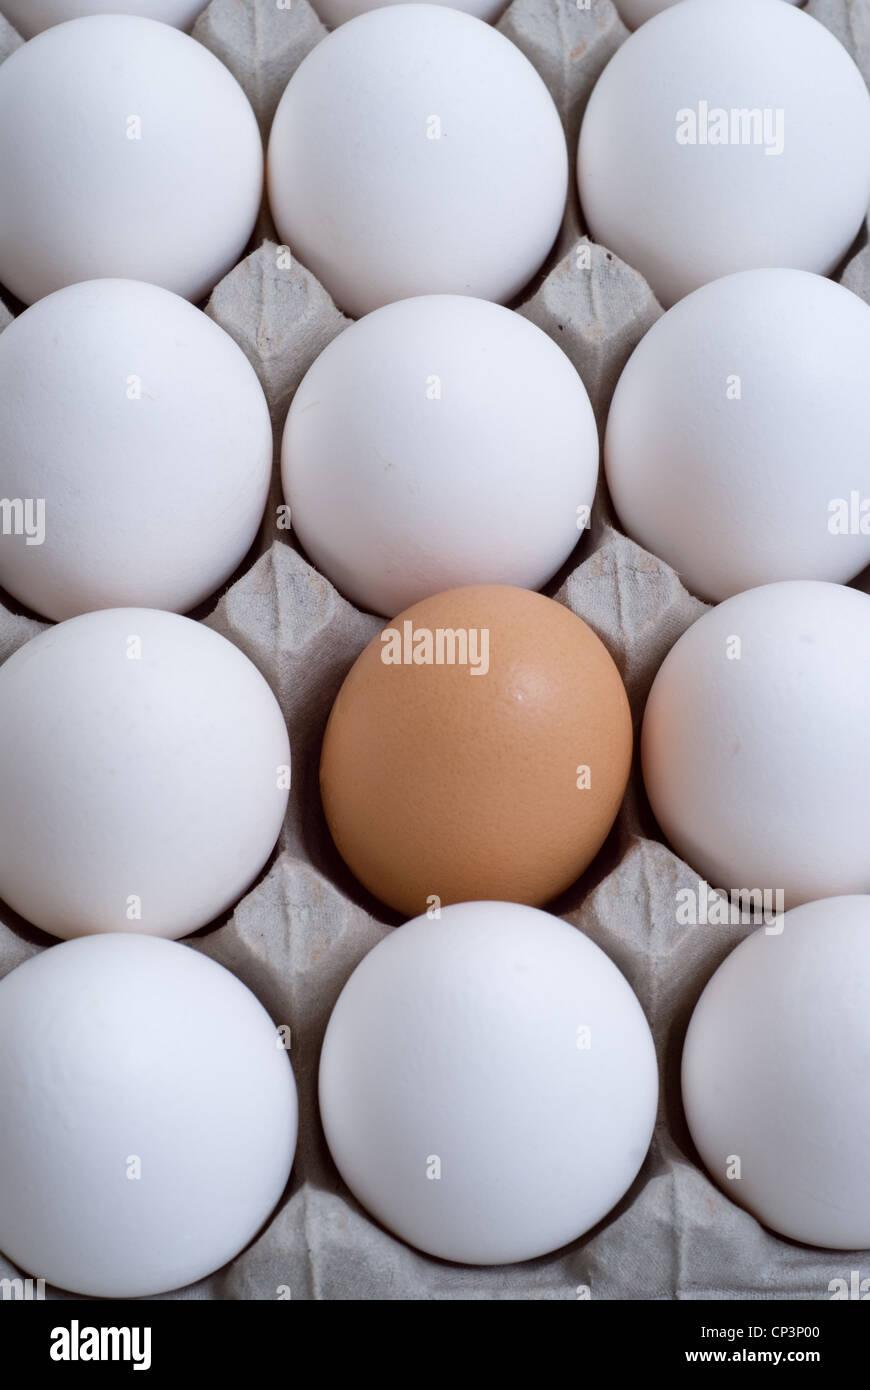 Weißen Eiern mit einem braunen Ei, konzeptionelle Bilder. Stockbild